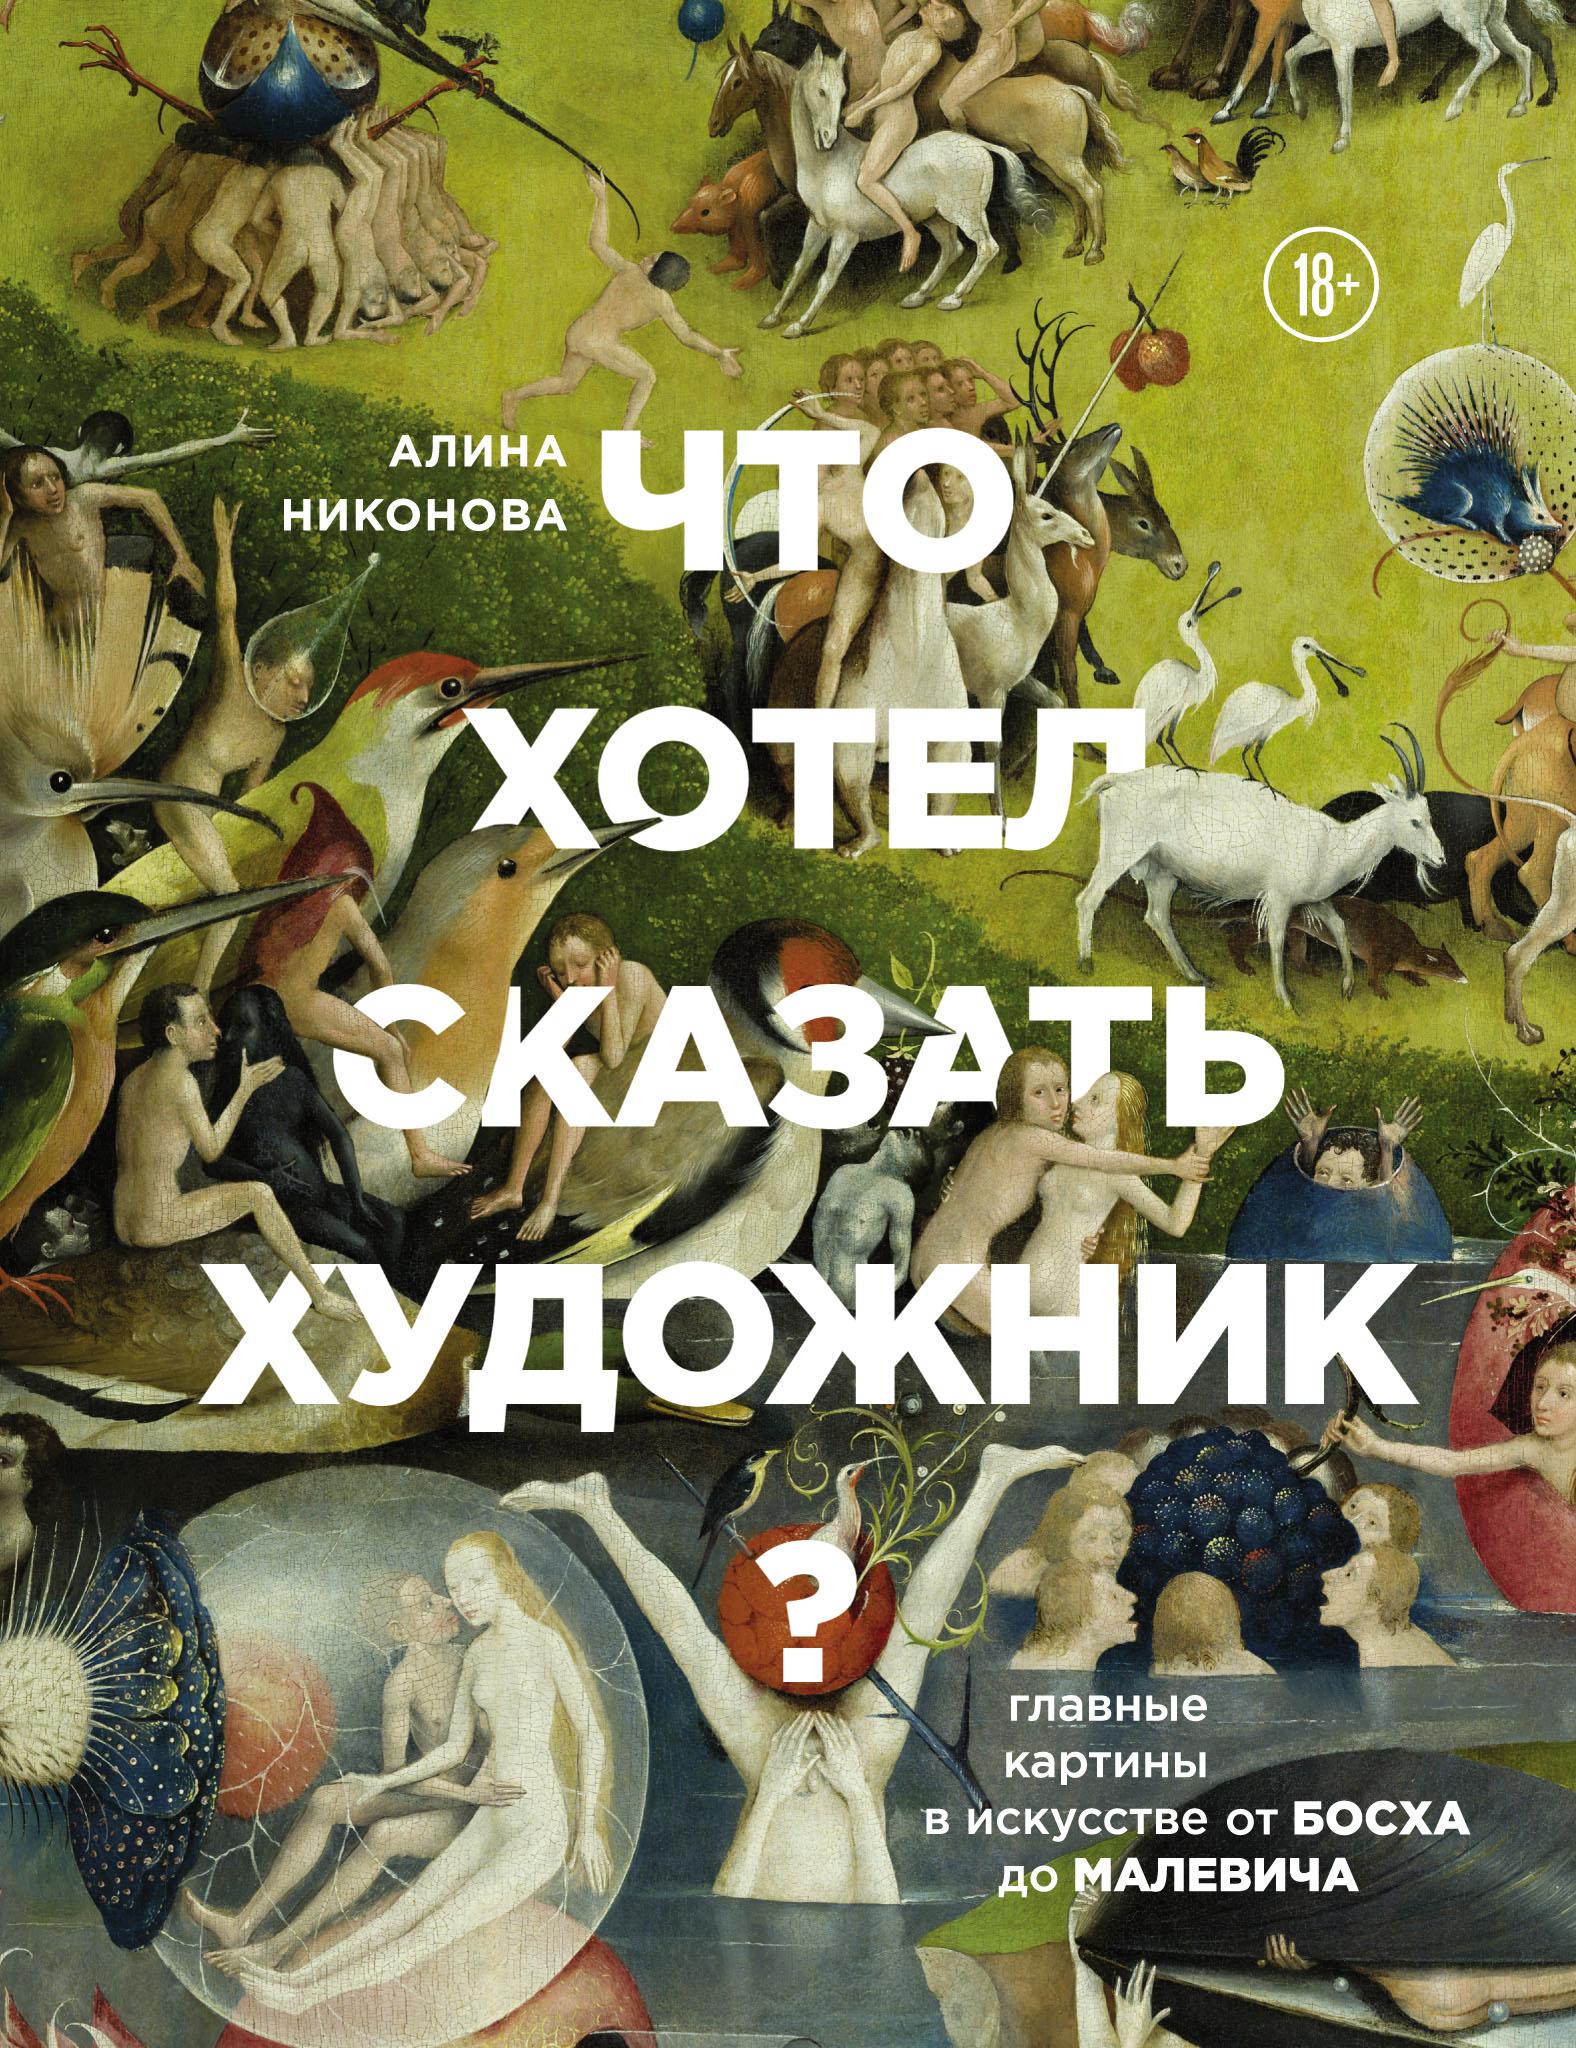 Купить книгу Что хотел сказать художник? Главные картины в искусстве от Босха до Малевича, автора Алины Никоновой